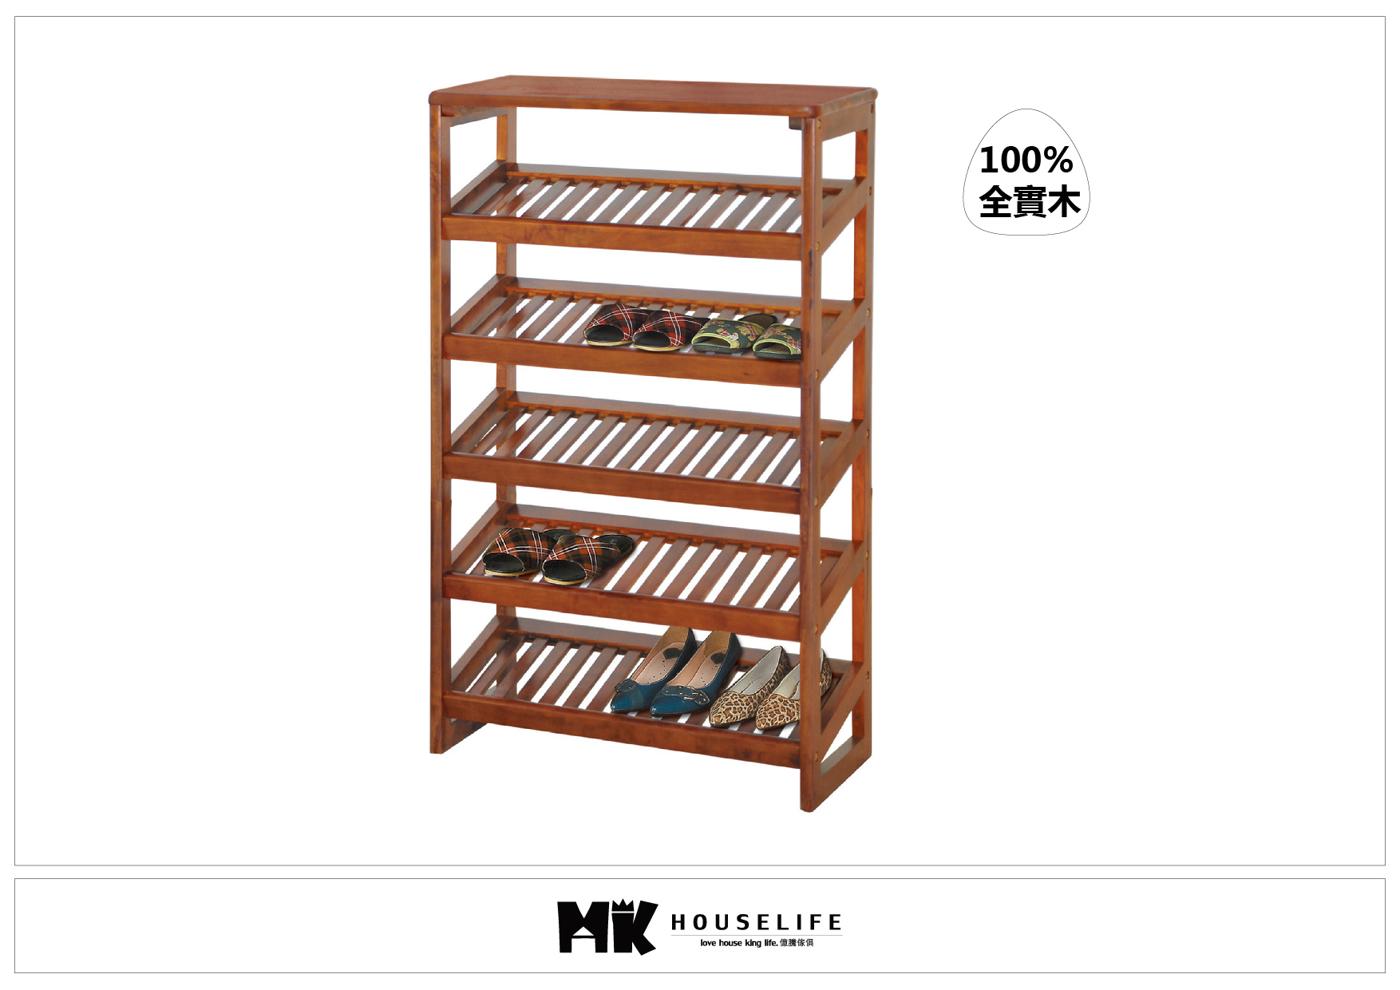 【MK億騰傢俱】AS304-04巧意實木五層鞋架